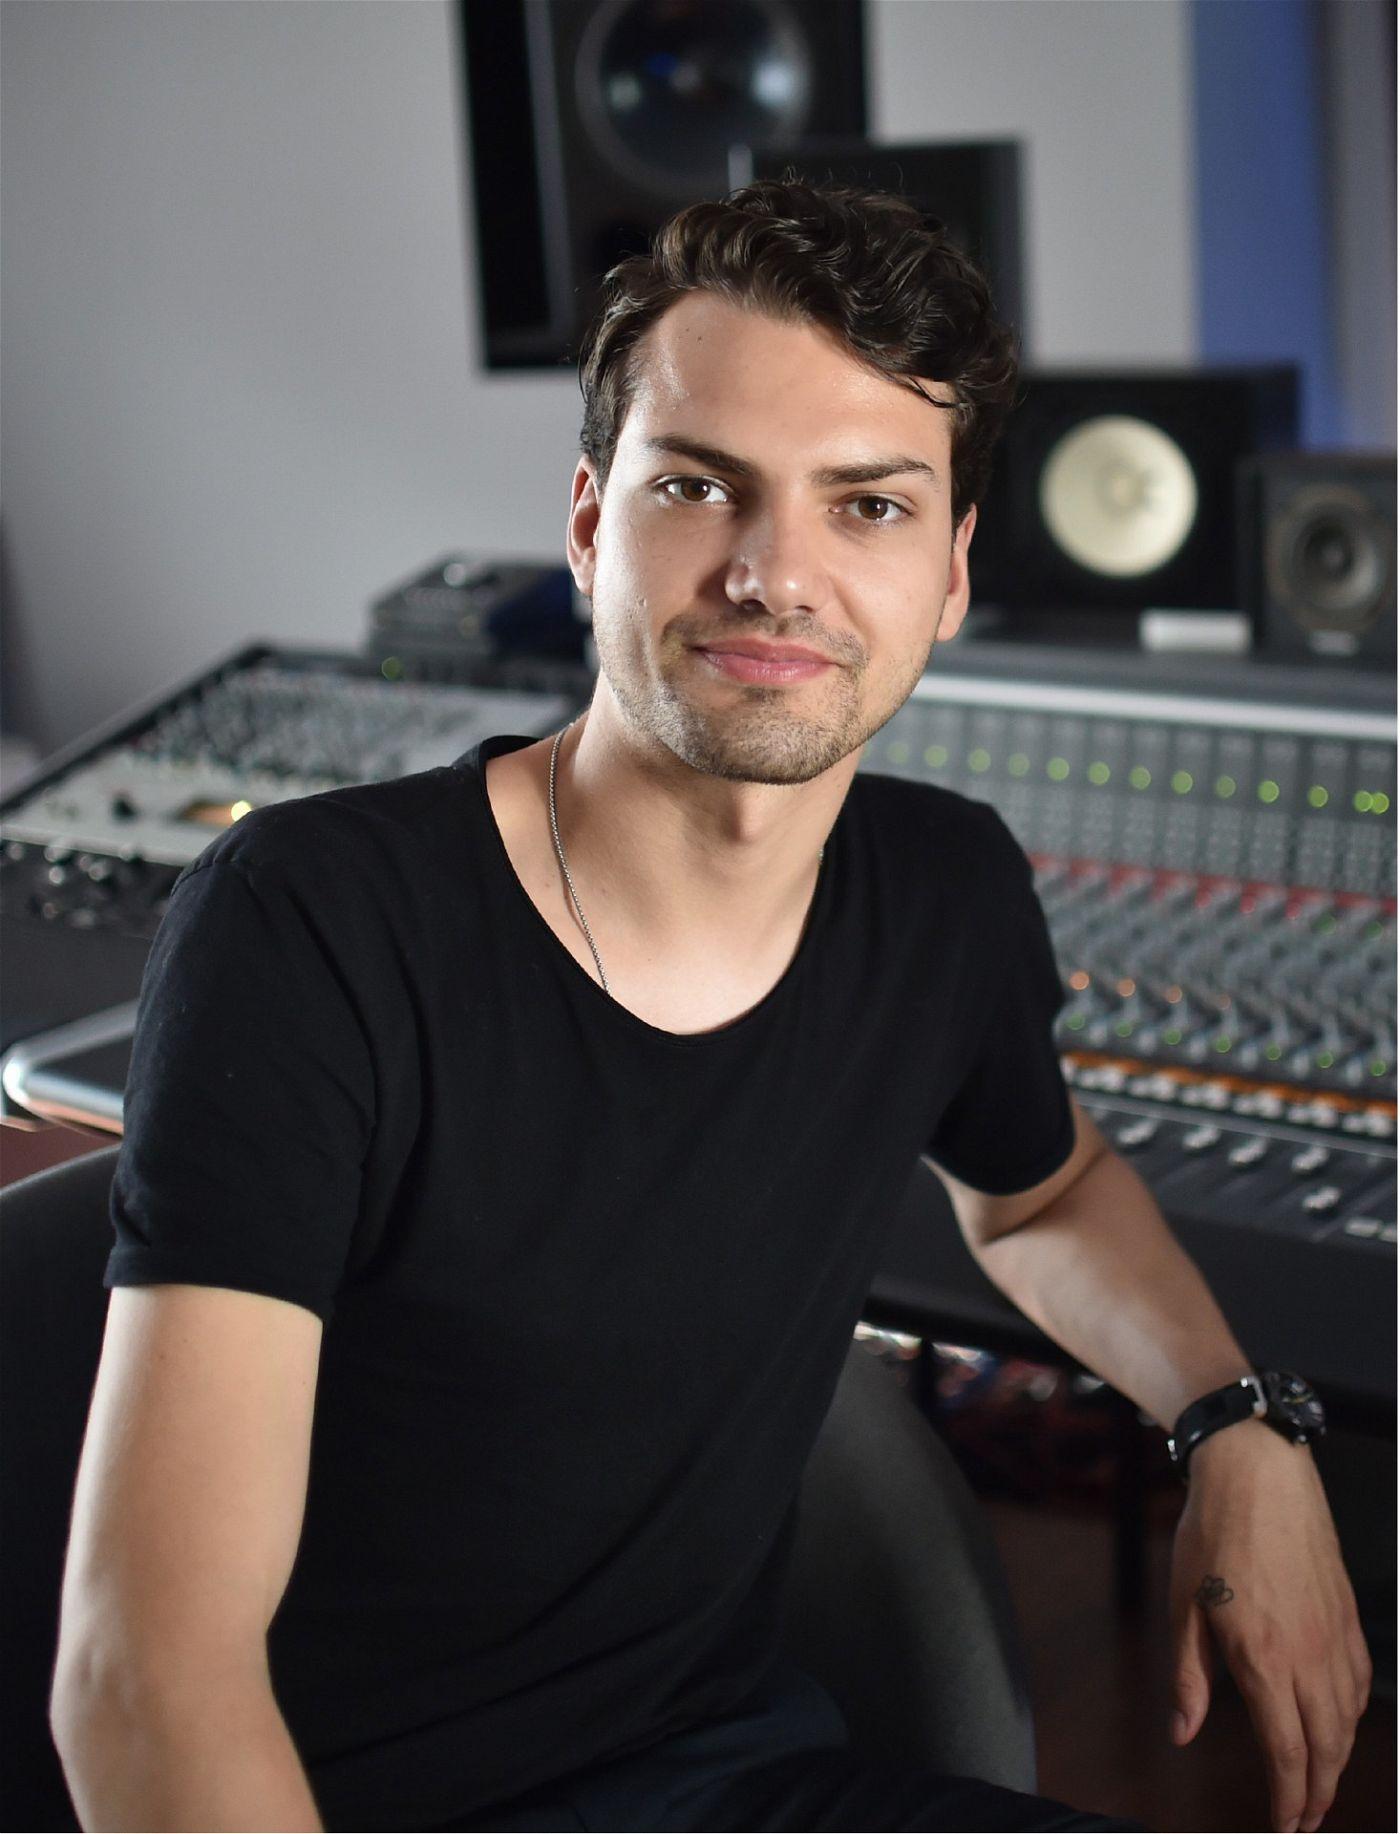 """""""Musik ist ein superwichtiger Teil in meinem Leben. Ich mache Musik seit ich denken kann. Performen, Produzieren – da freue ich mich auf diese Herausforderung, jetzt auch richtig zur Musik Tanzen zu lernen"""", sagt er."""